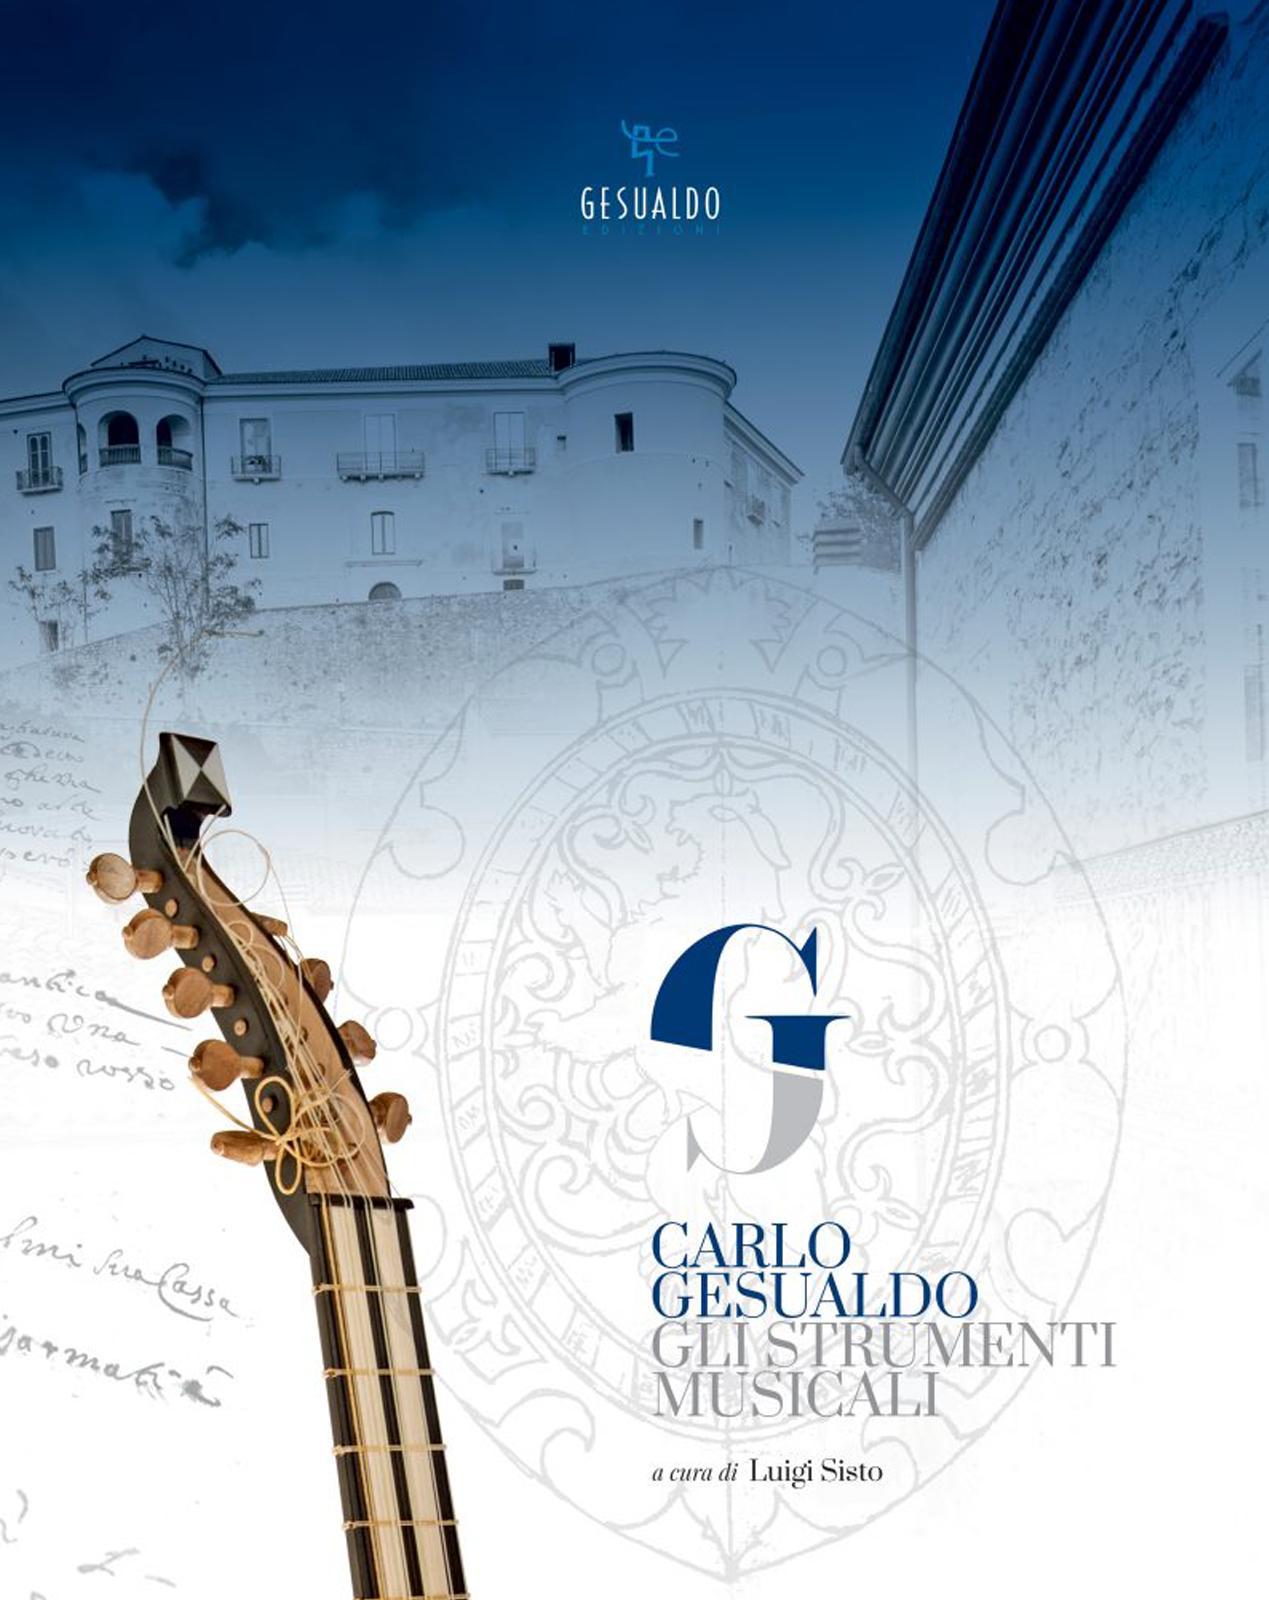 CarloGesualdo-GliStrumentiMusicali